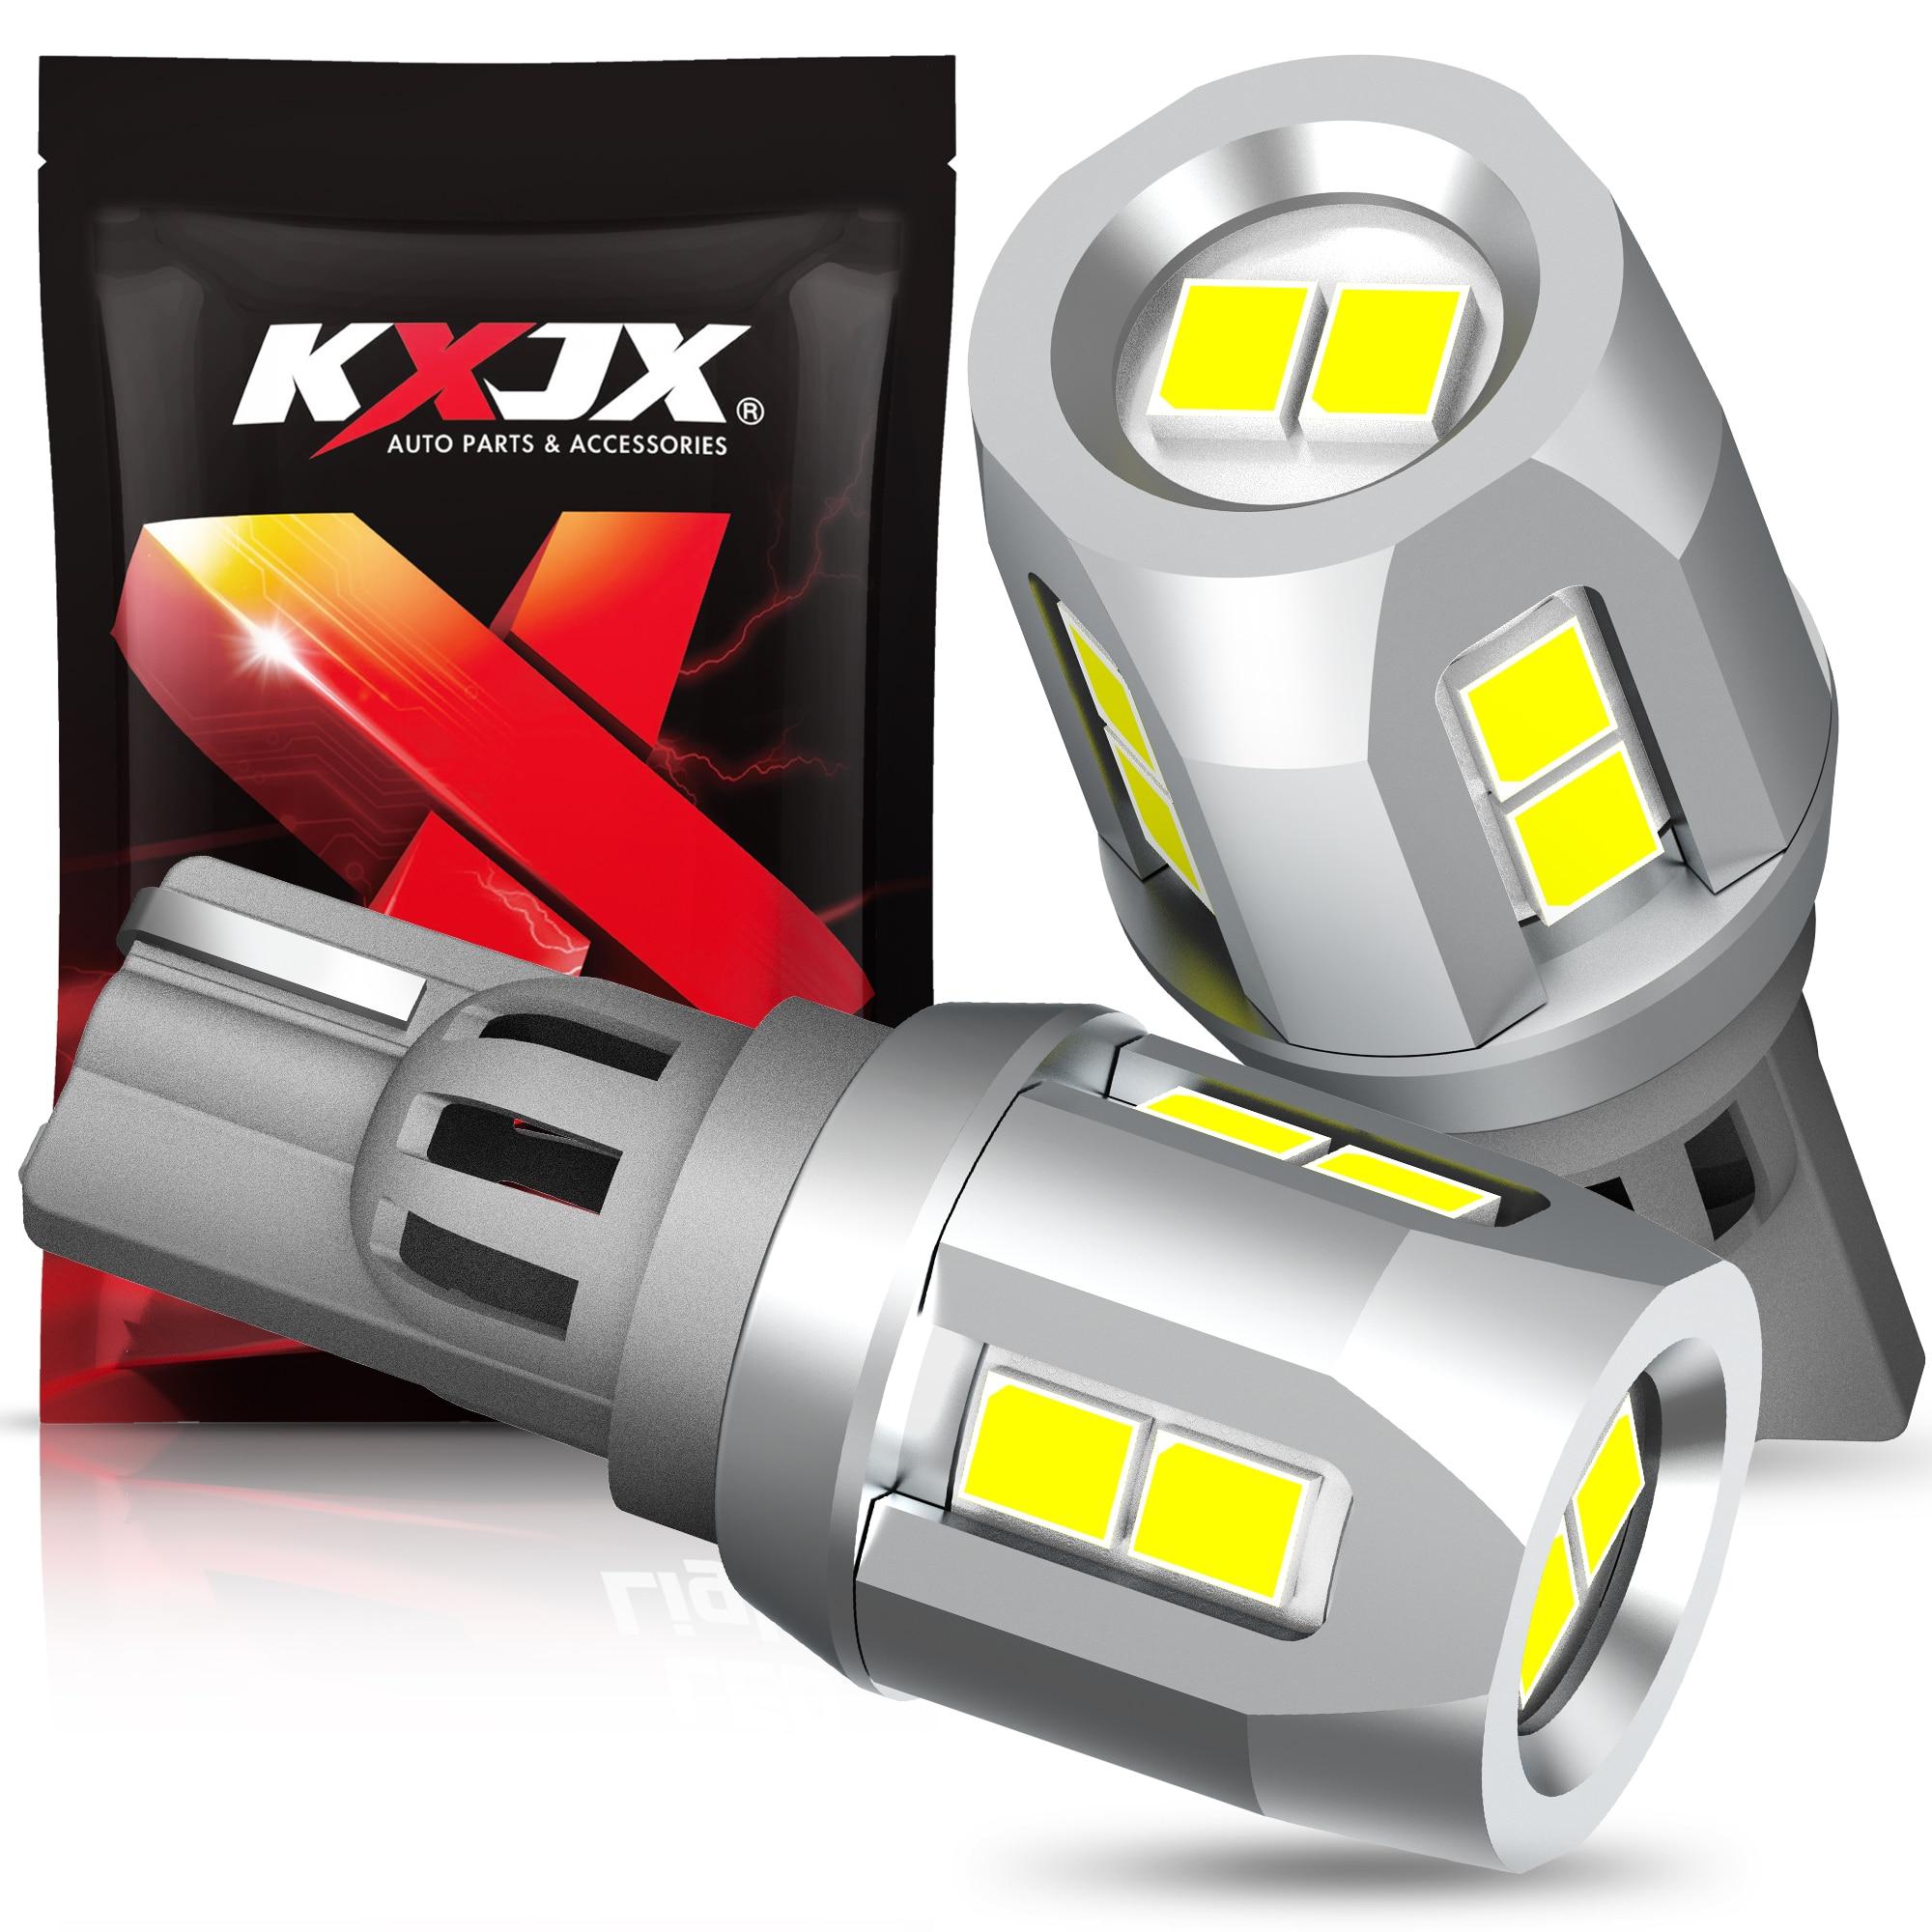 2X T15 светодиодные лампы W16W Led Canbus 920 921 912 лампа 1000LM 3030SMD супер яркие автомобильные обратные запасные огни 6000 К белый свет 12V авто